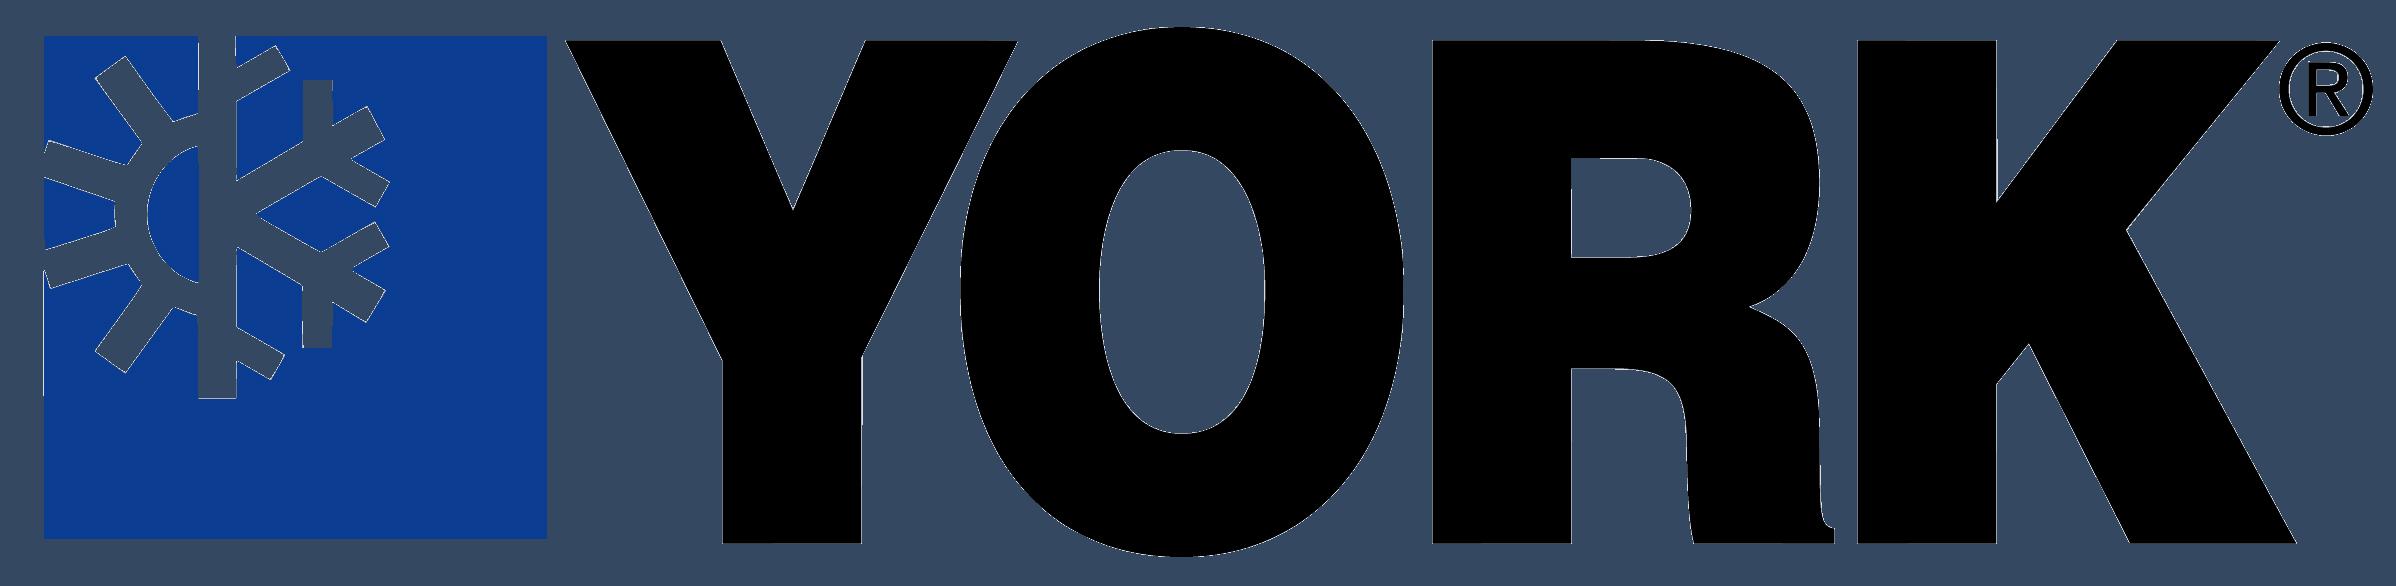 Logo for York